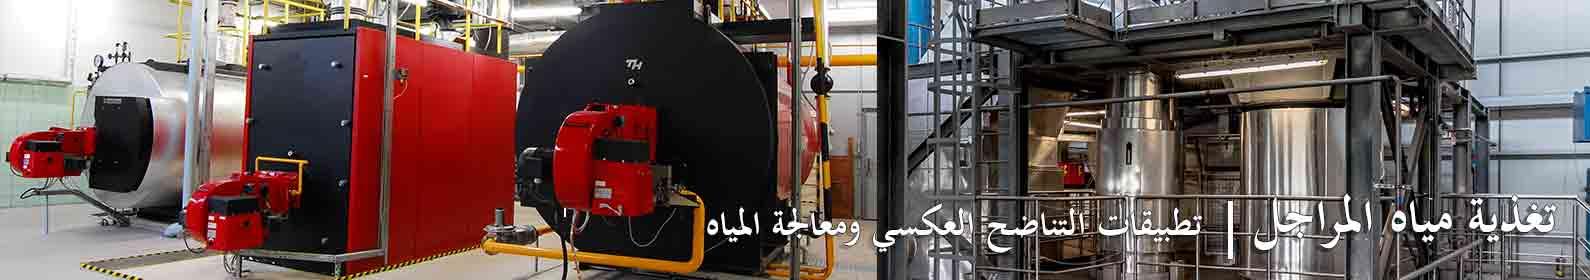 -boiler-feed-industry.jpg